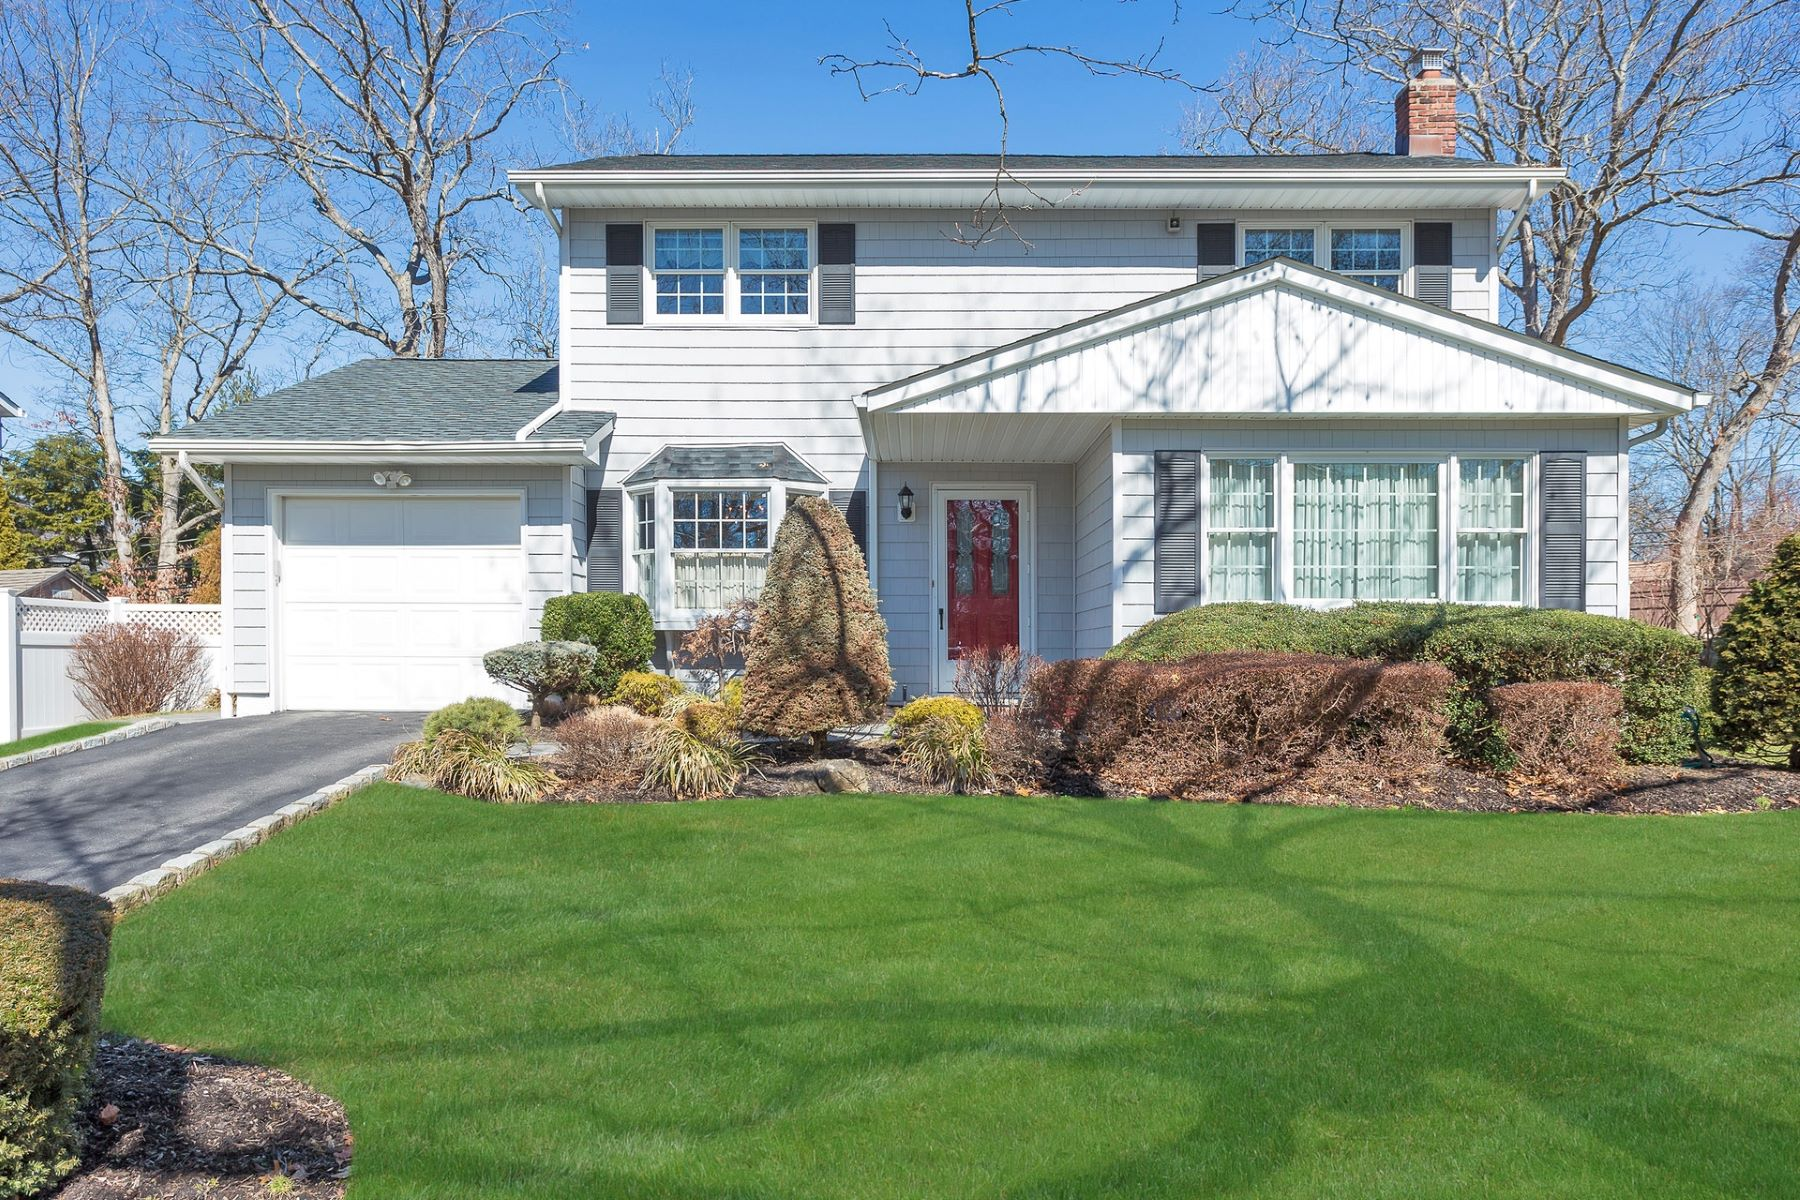 واحد منزل الأسرة للـ Sale في 17 Longworth Ave , Dix Hills, NY 11746 17 Longworth Ave, Dix Hills, New York, 11746 United States